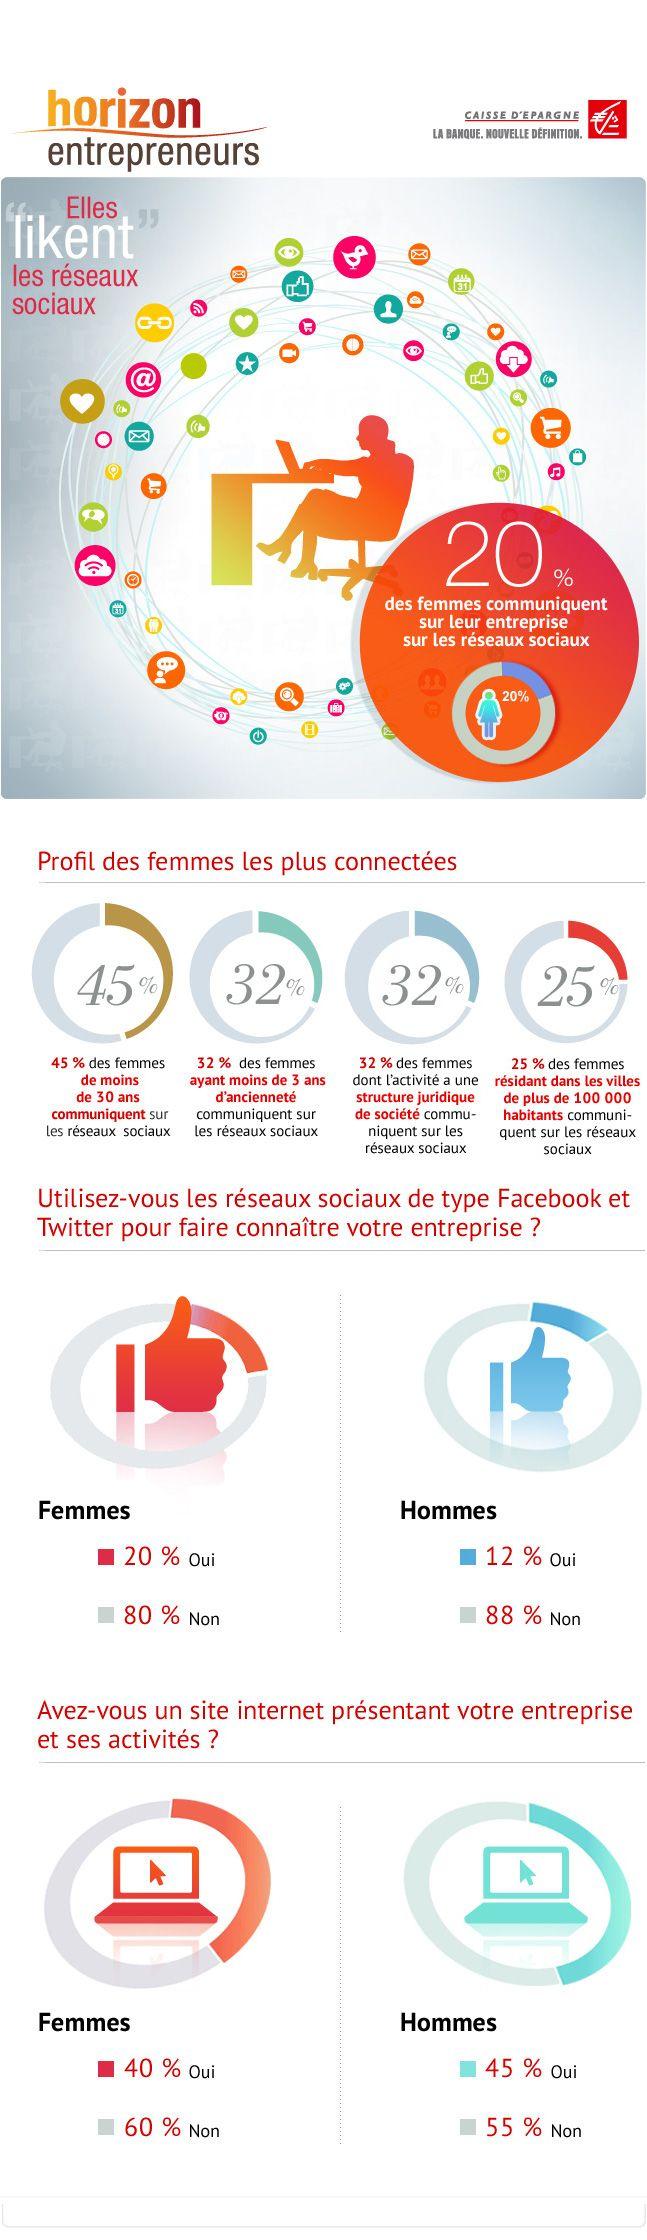 06/2013 - L'utilisation des réseaux sociaux pour communiquer sur son entreprise - Chaque mois, Horizon Entrepreneurs déploie l'opération « Femmes entrepreneures : ils et elles en parlent » autour du Baromètre des femmes entrepreneures. http://magazine.horizonentrepreneurs.fr/chiffre_cle/rseaux-sociaux-femmes-entrepreneures/